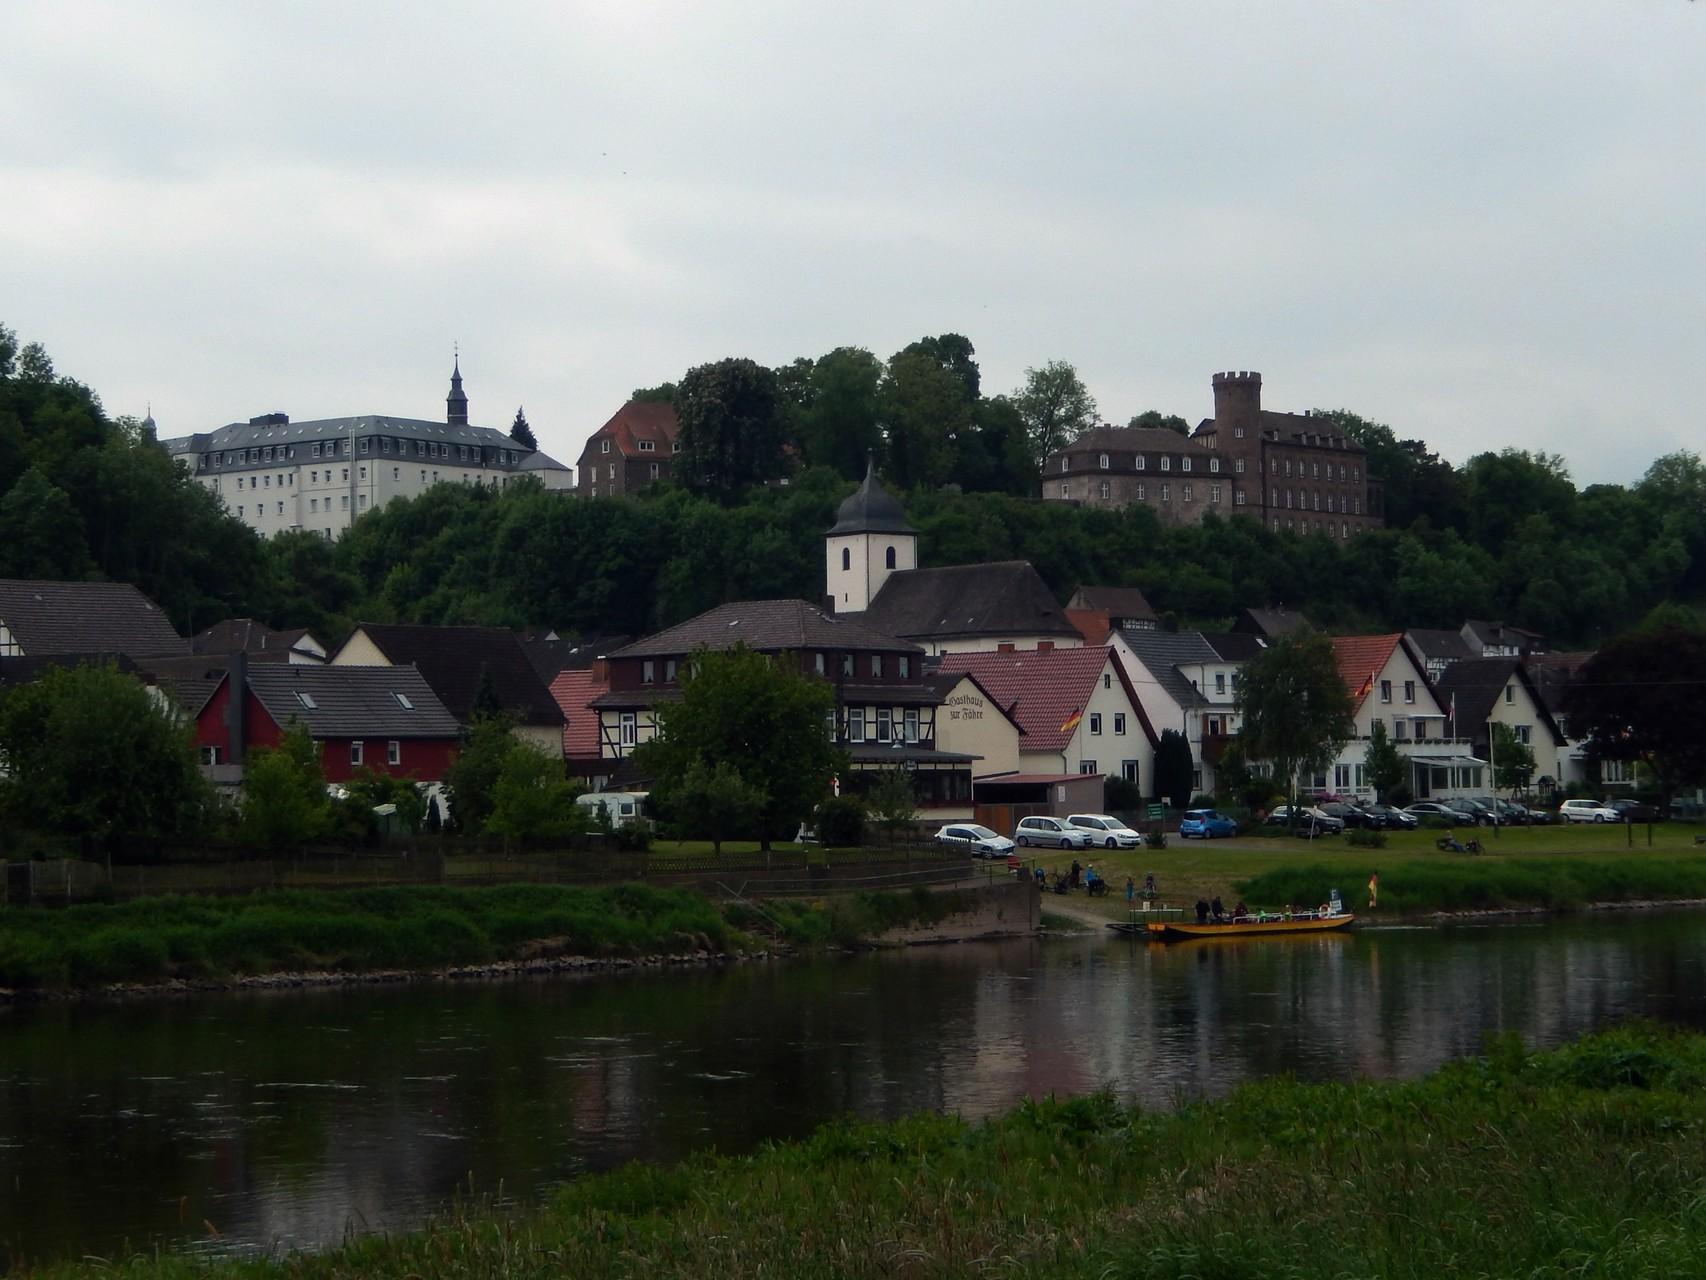 Herstelle - Abtei und Schloss